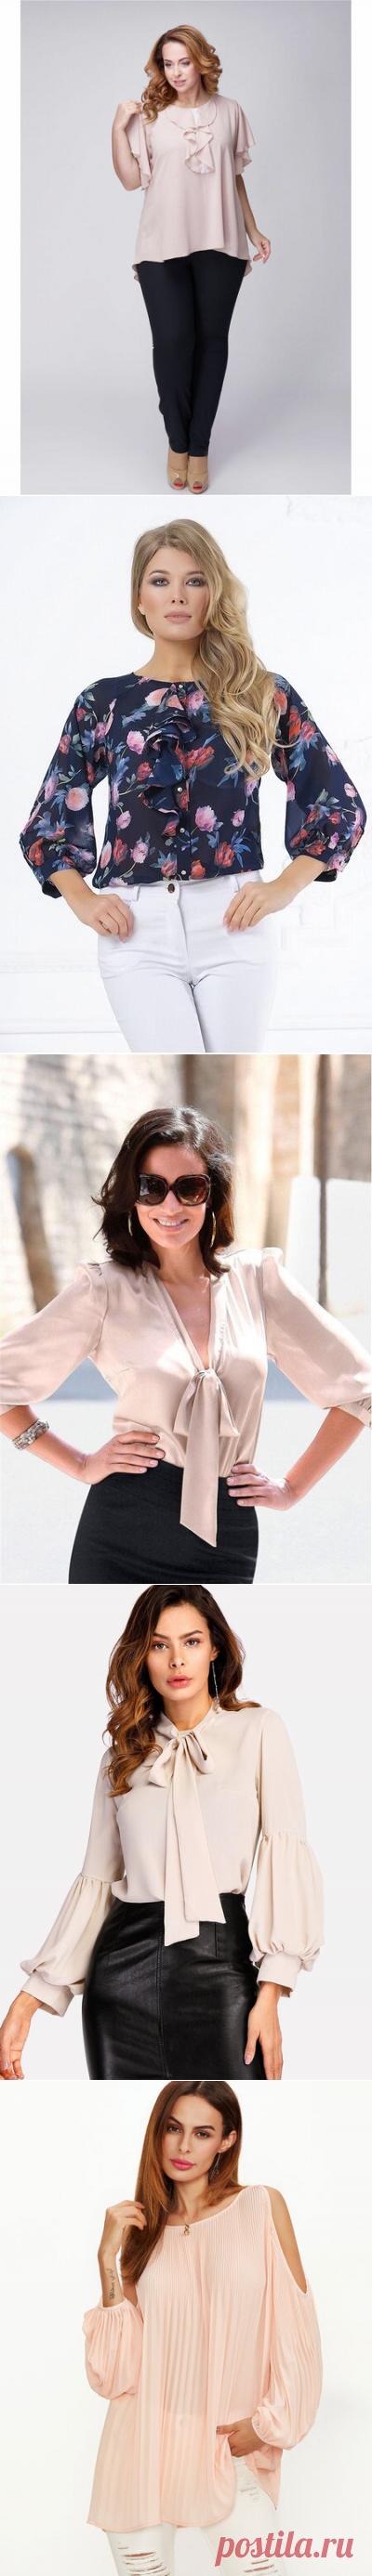 Какие блузы предлагают нам носить в 2019 году | твой стиль | Яндекс Дзен